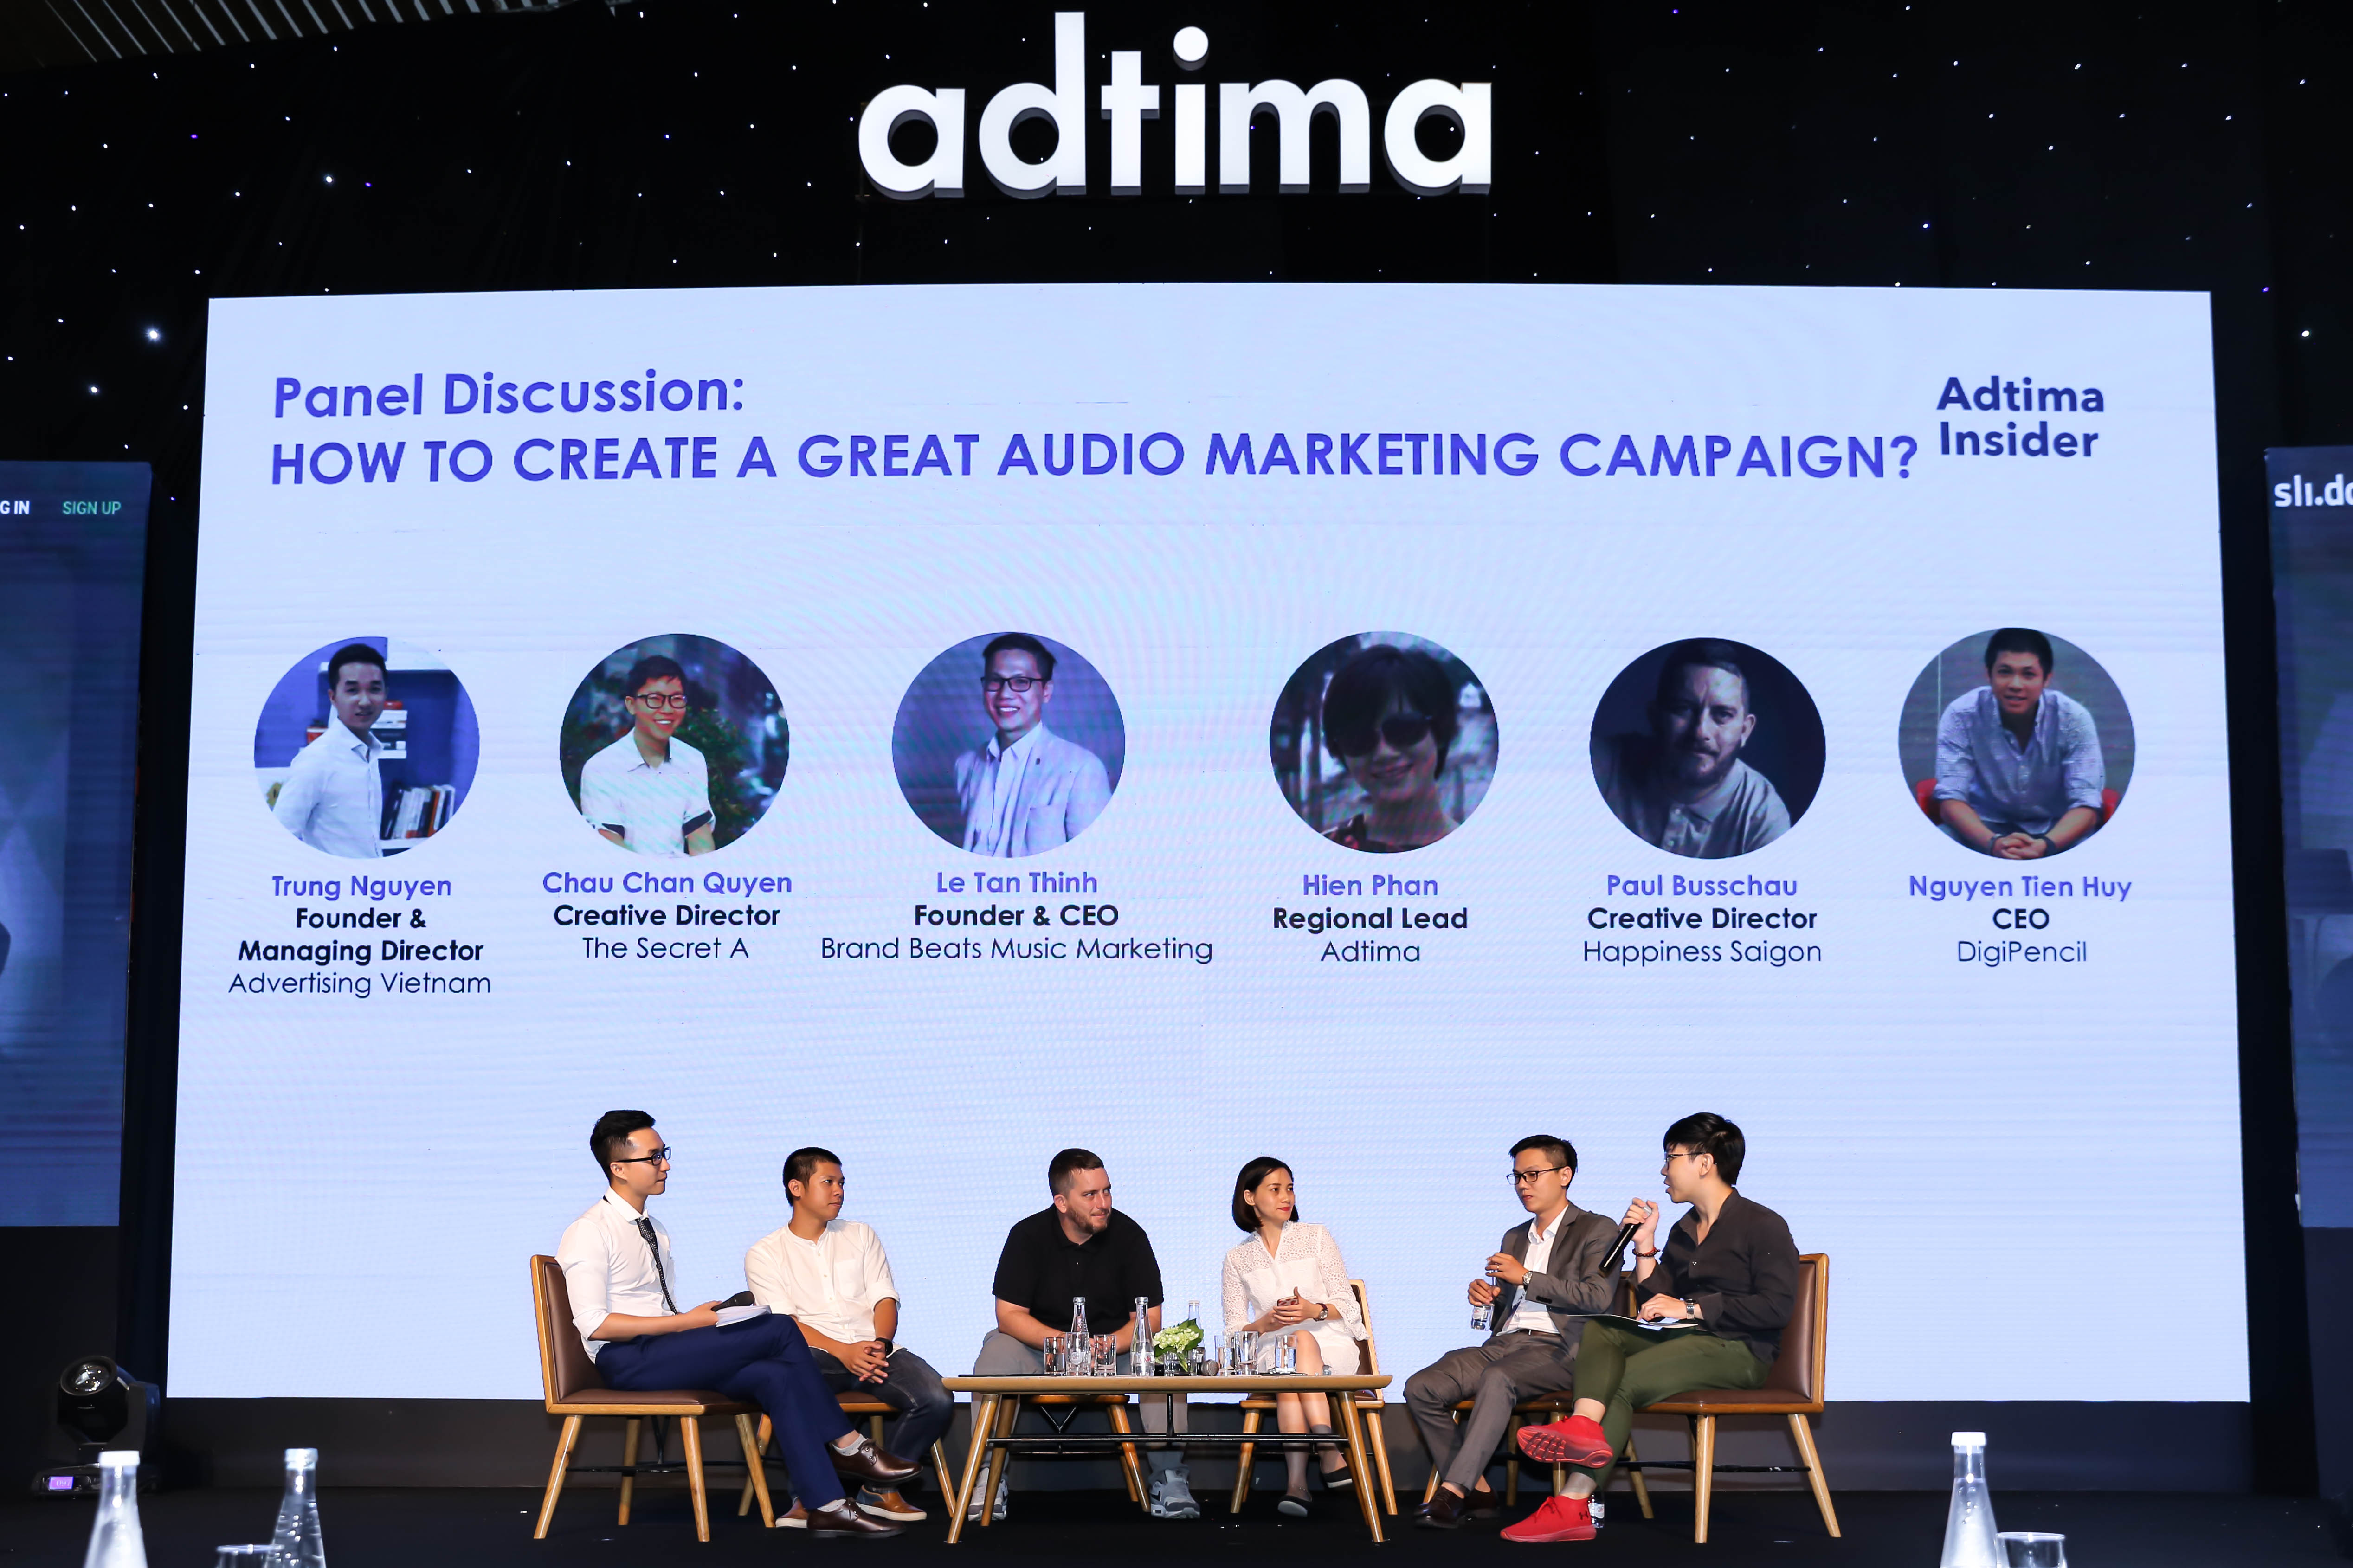 Để tạo ra một quảng cáo âm thanh thành công, cần có sự sáng tạo từ agency và sự thấu hiểu khách hàng cũng như tinh thần dám thử nghiệm của thương hiệu